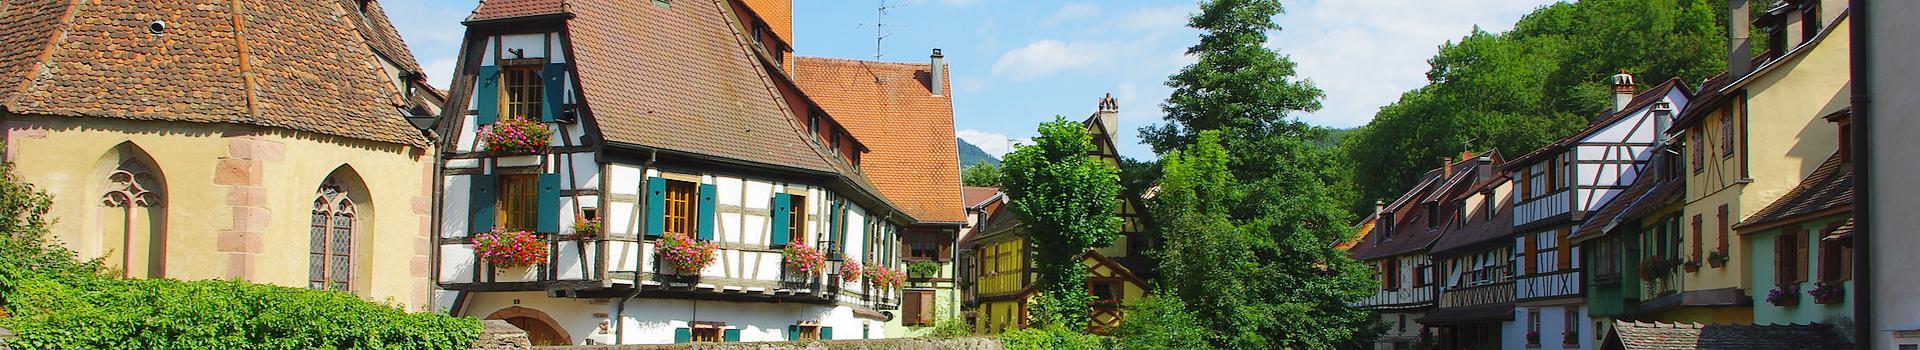 Village d'Alsace - Kaysersberg